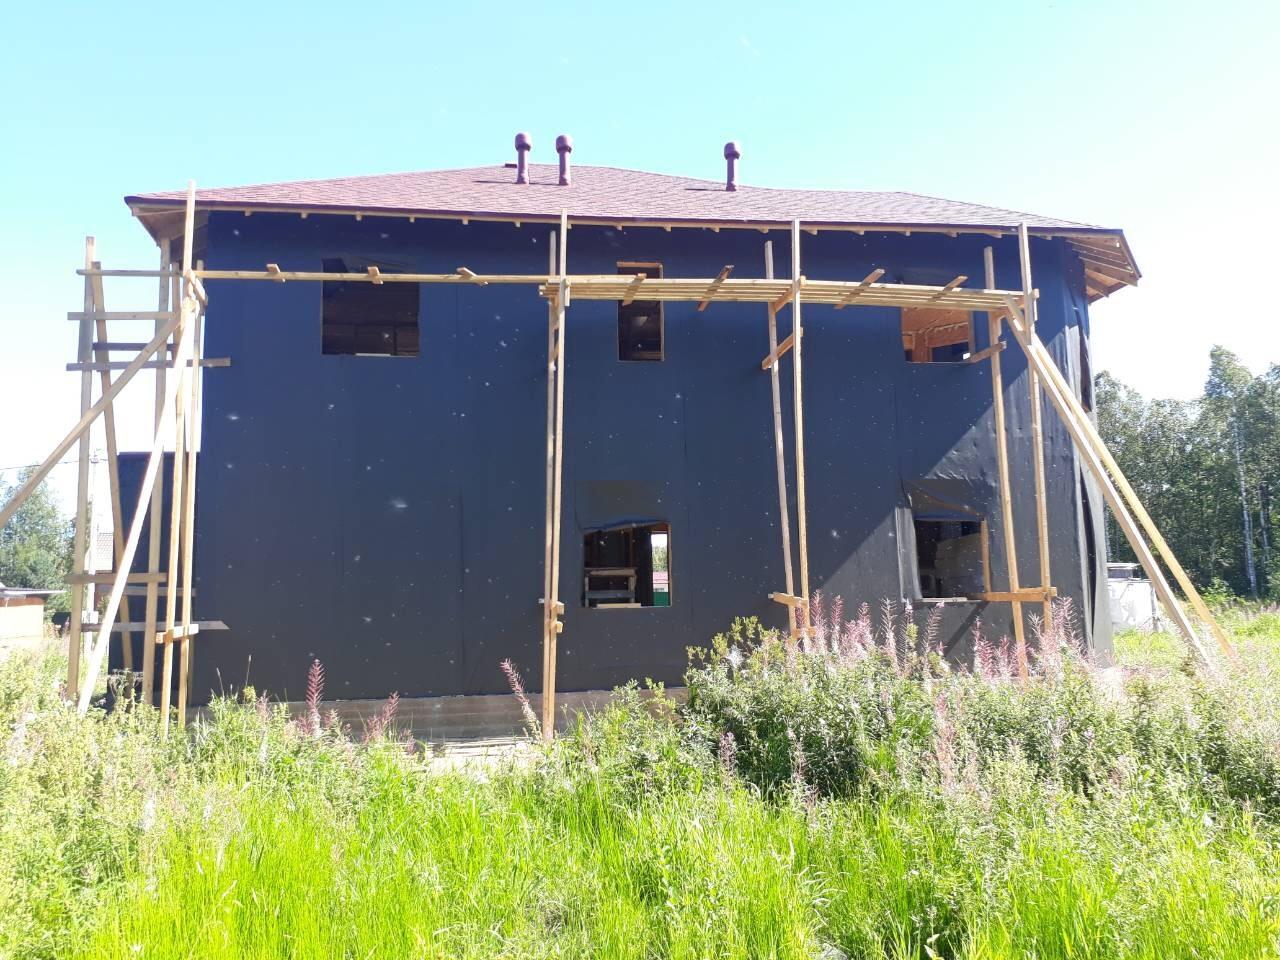 фото дома из сип панелей №4 коккорево